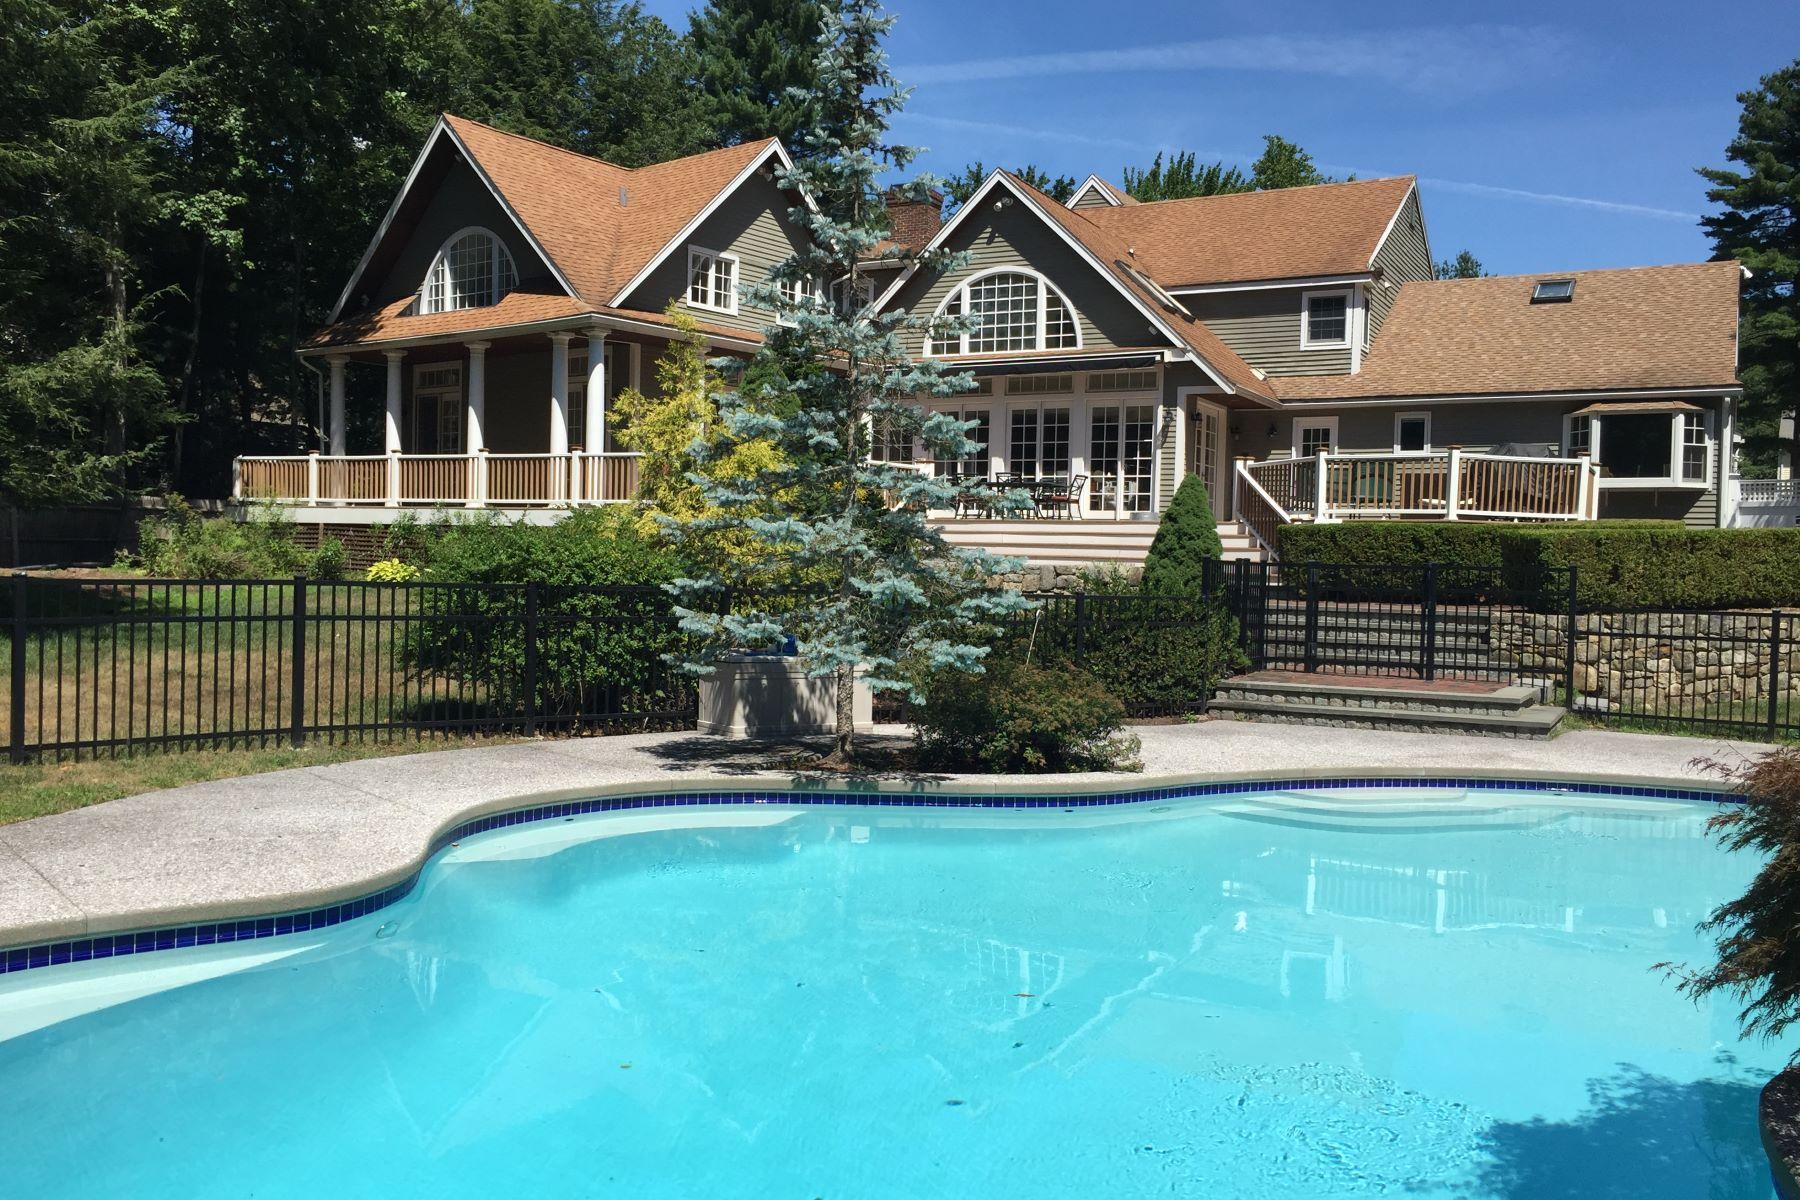 Single Family Home for Sale at 10 Dover Farm Rd, Medfield Medfield, Massachusetts 02052 United States